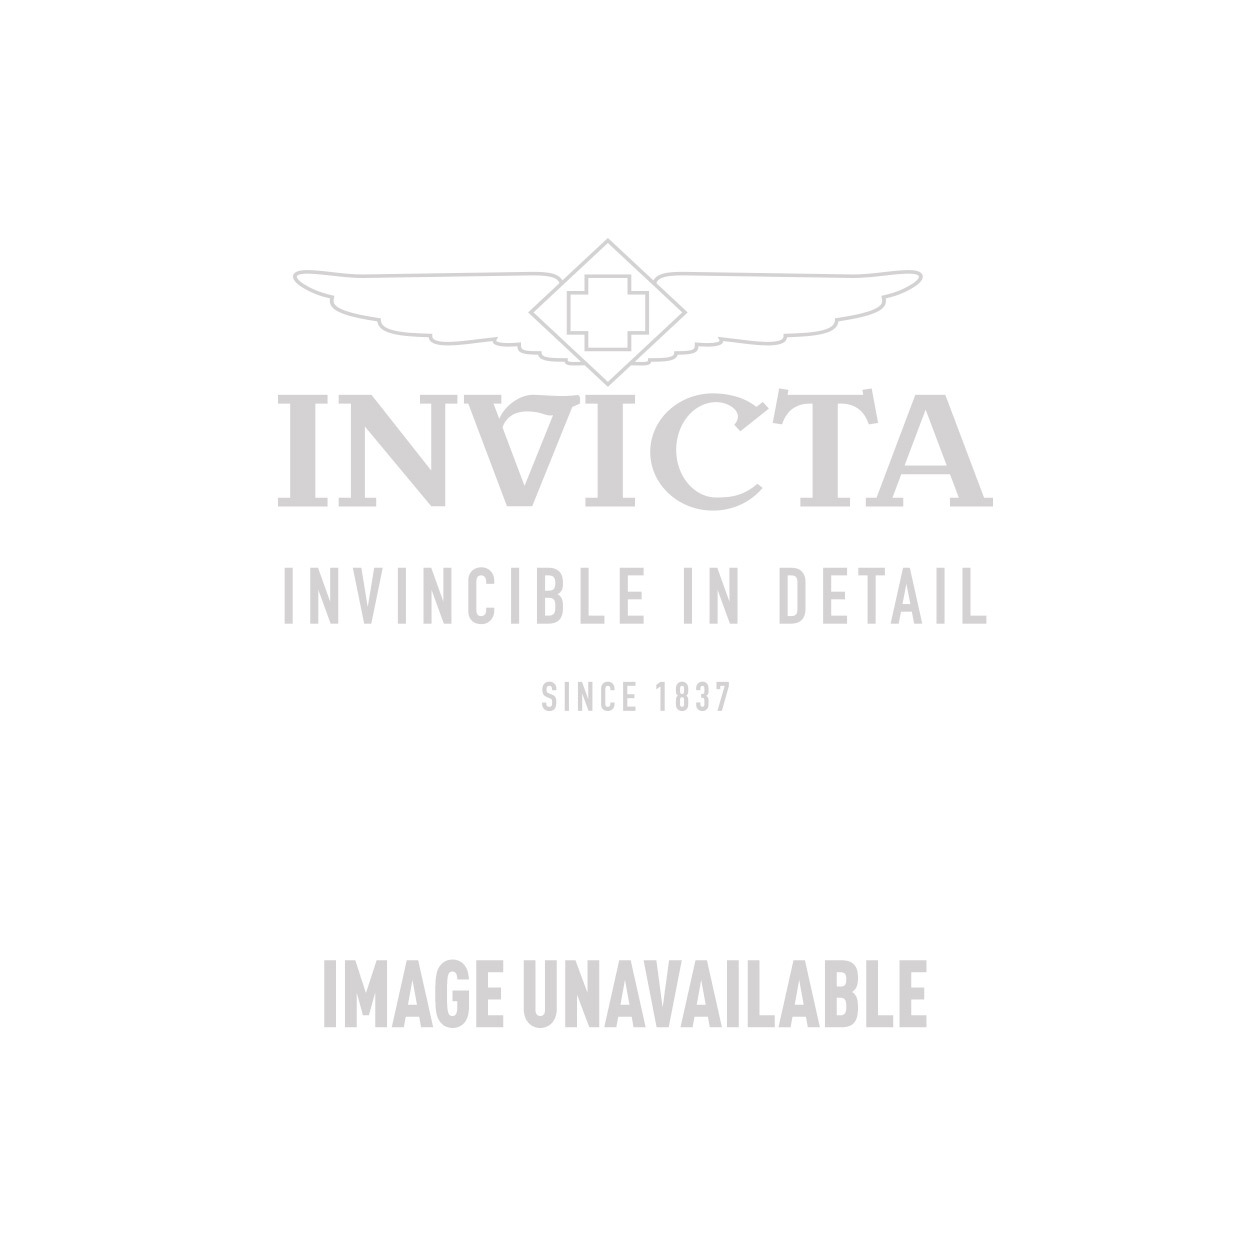 Invicta Model 25868